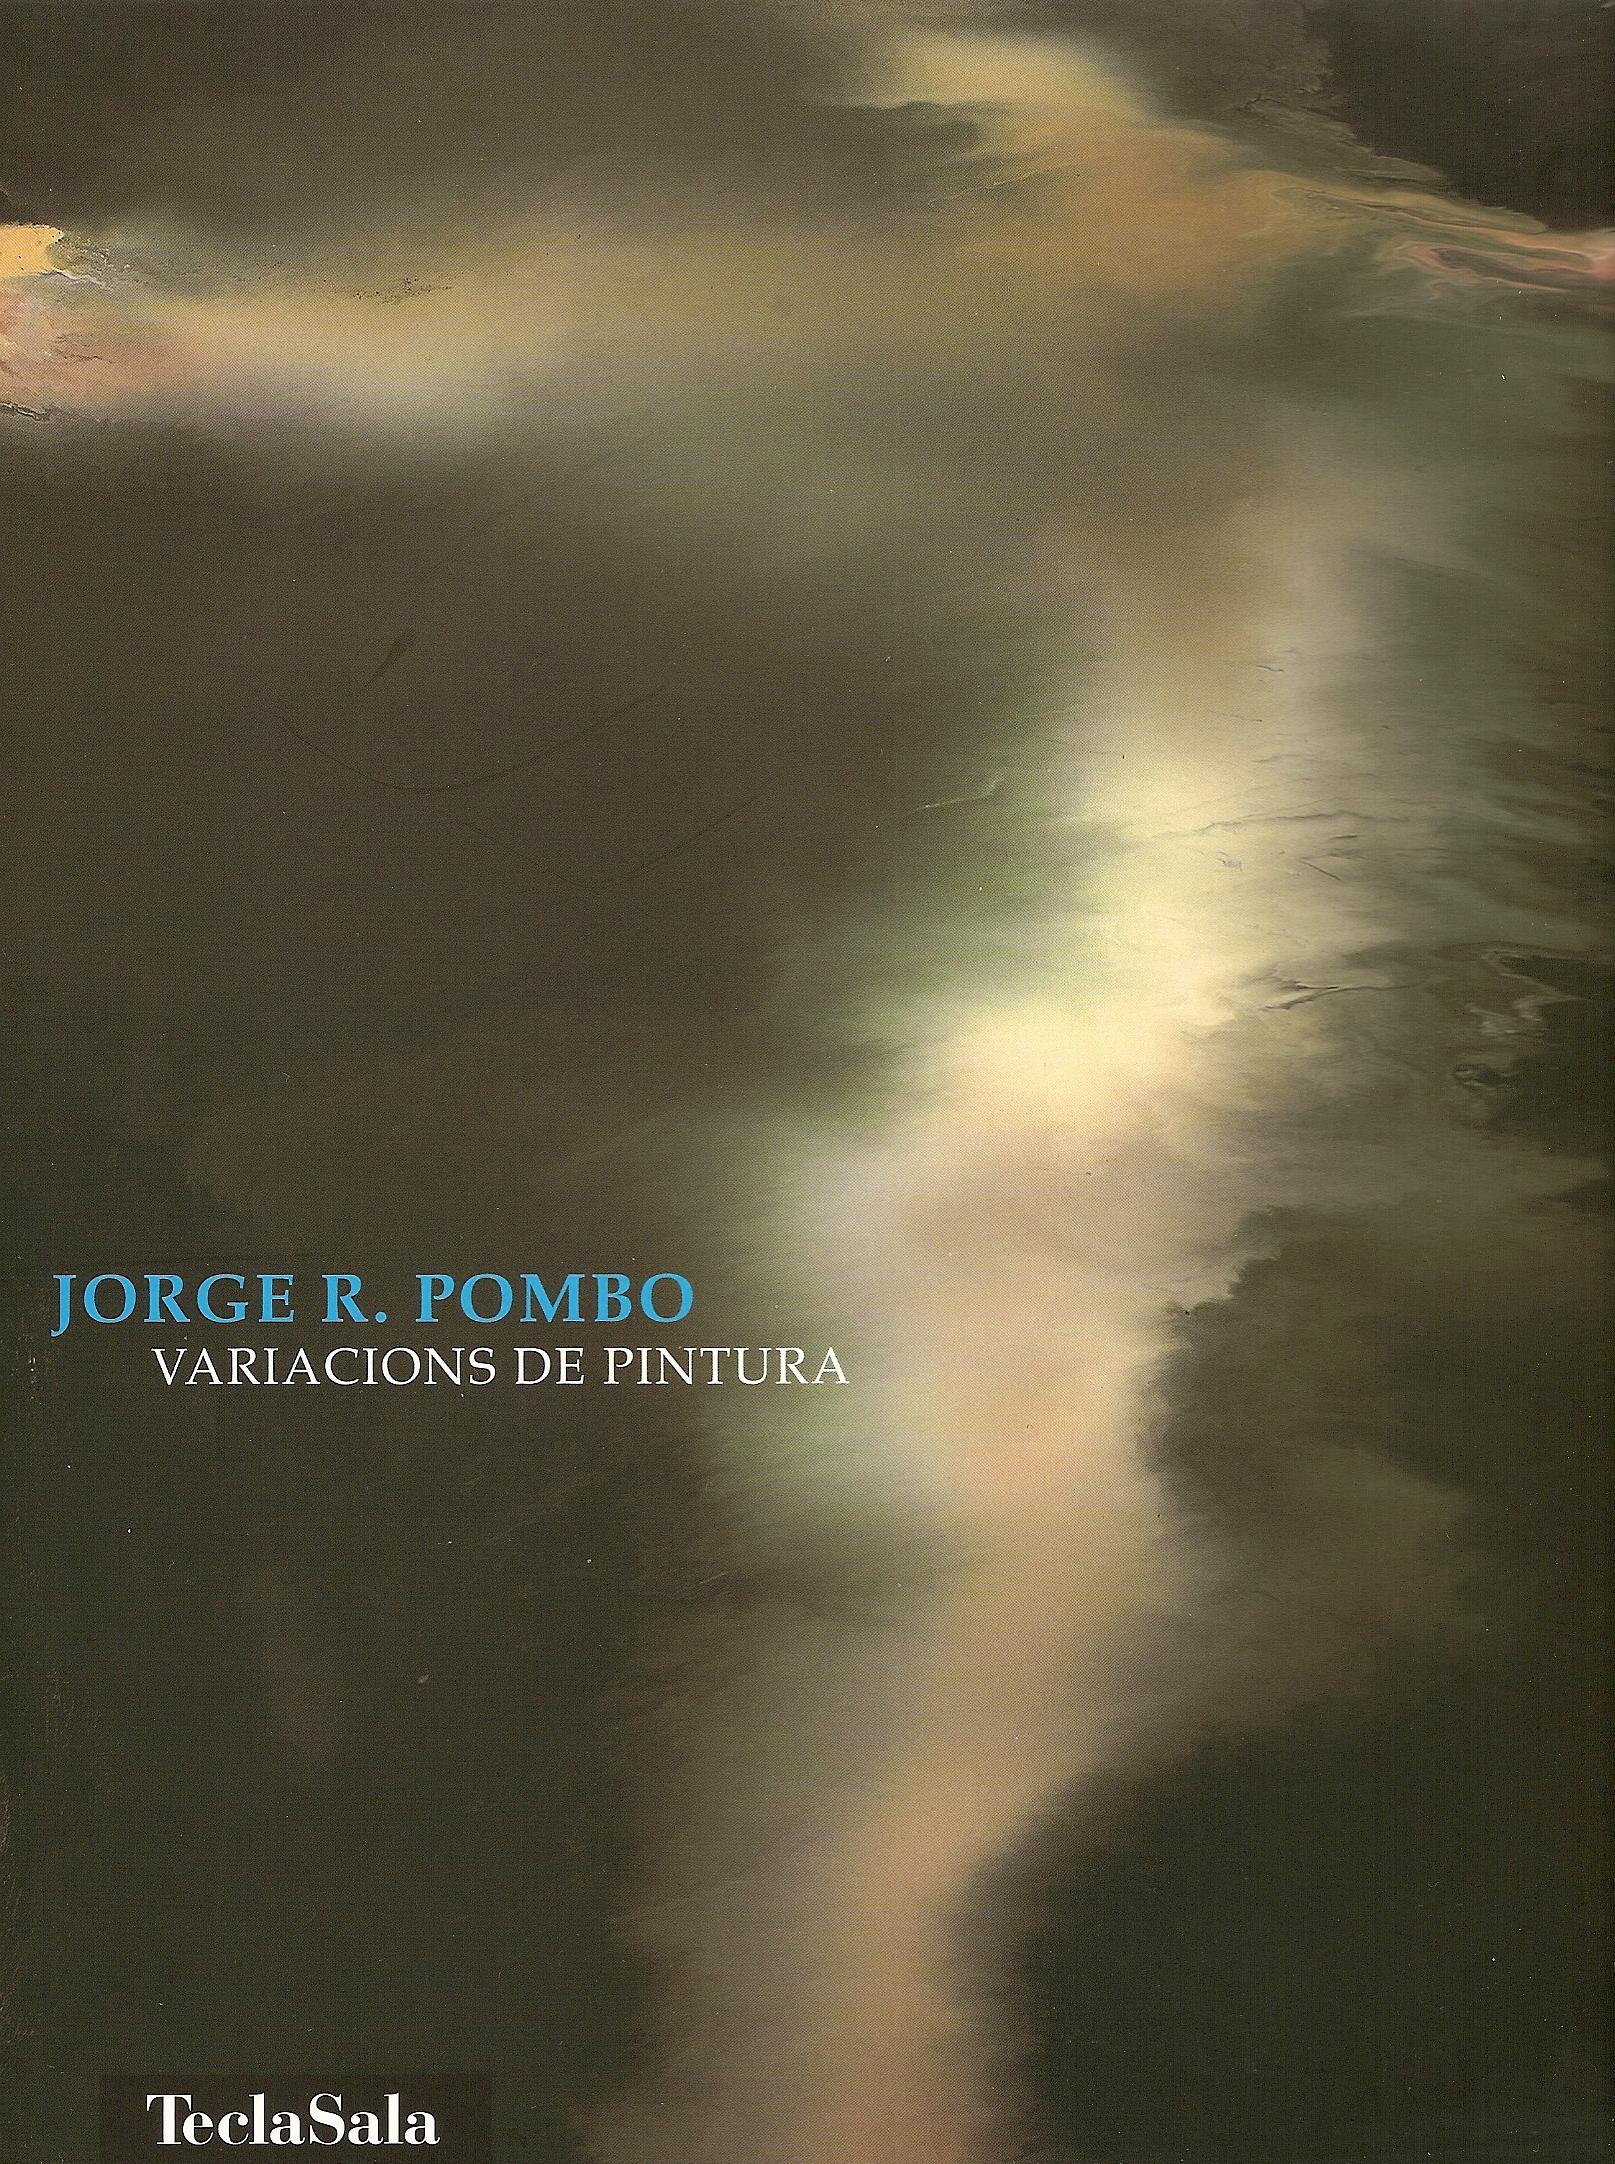 JORGE R. POMBO. VARIACIONS DE PINTURA